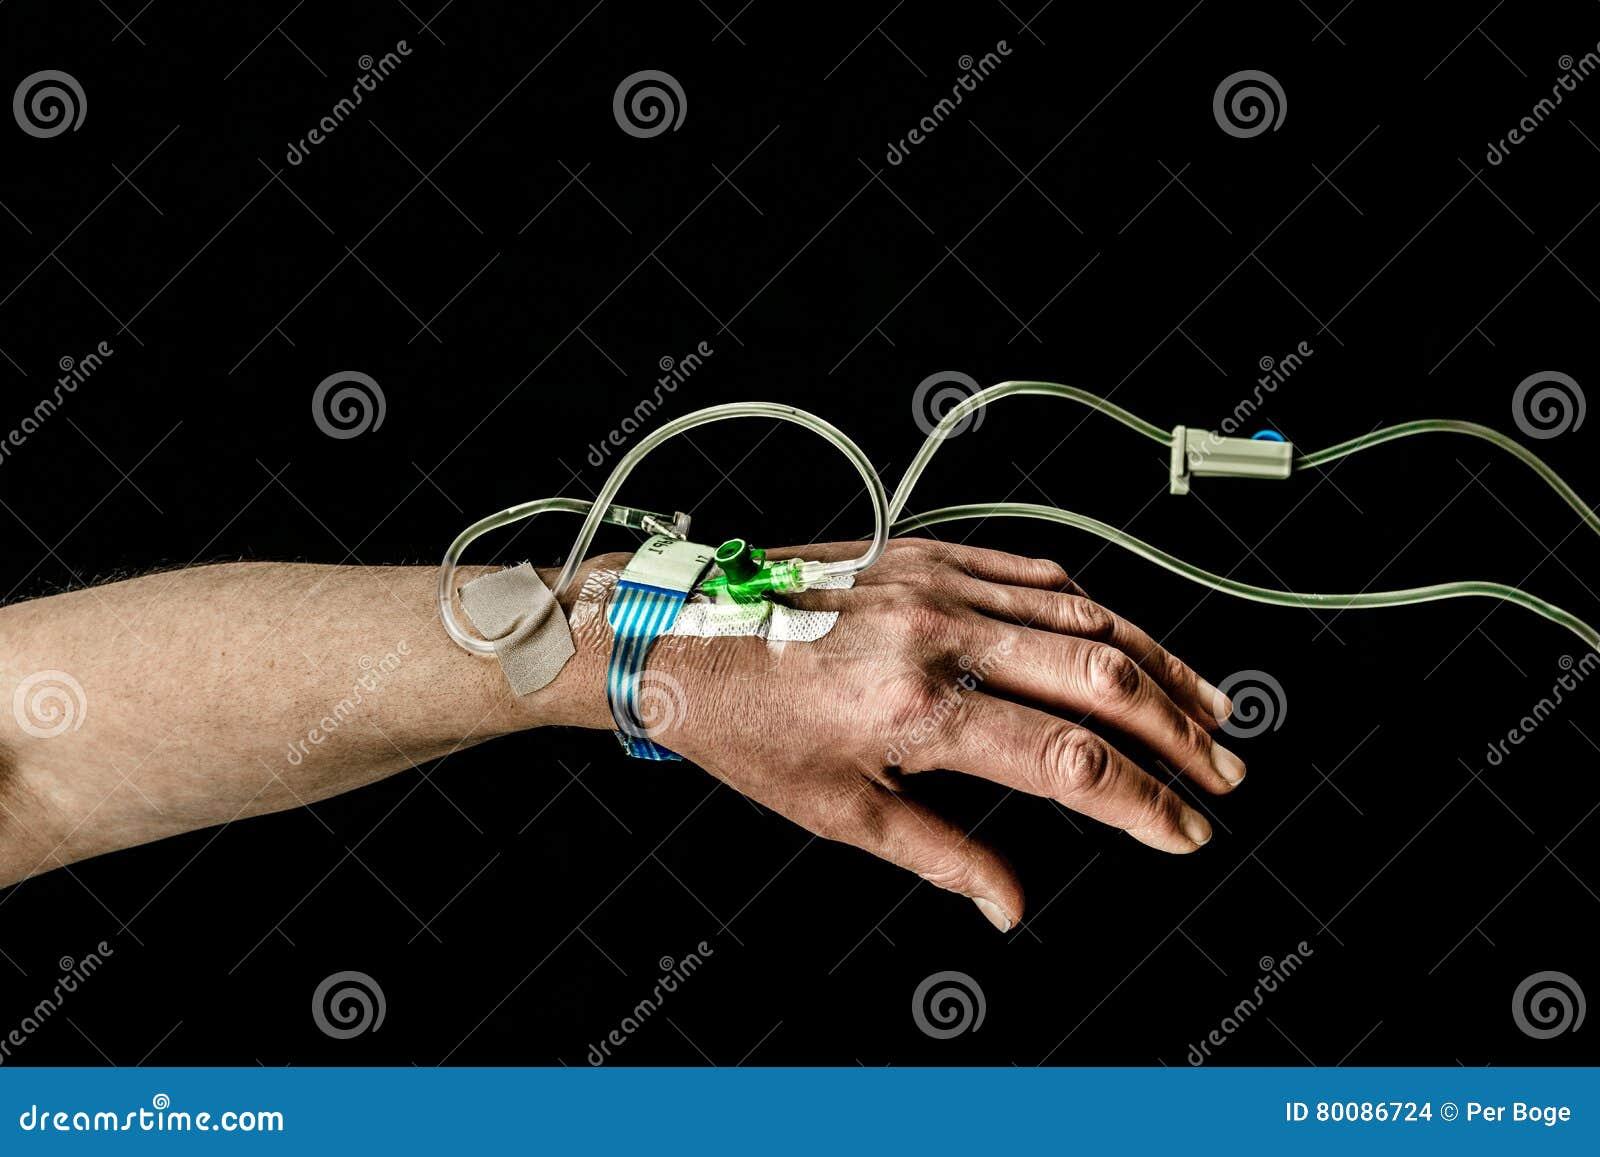 Räcka och armen av patienten med iv-behandling på svart bakgrund